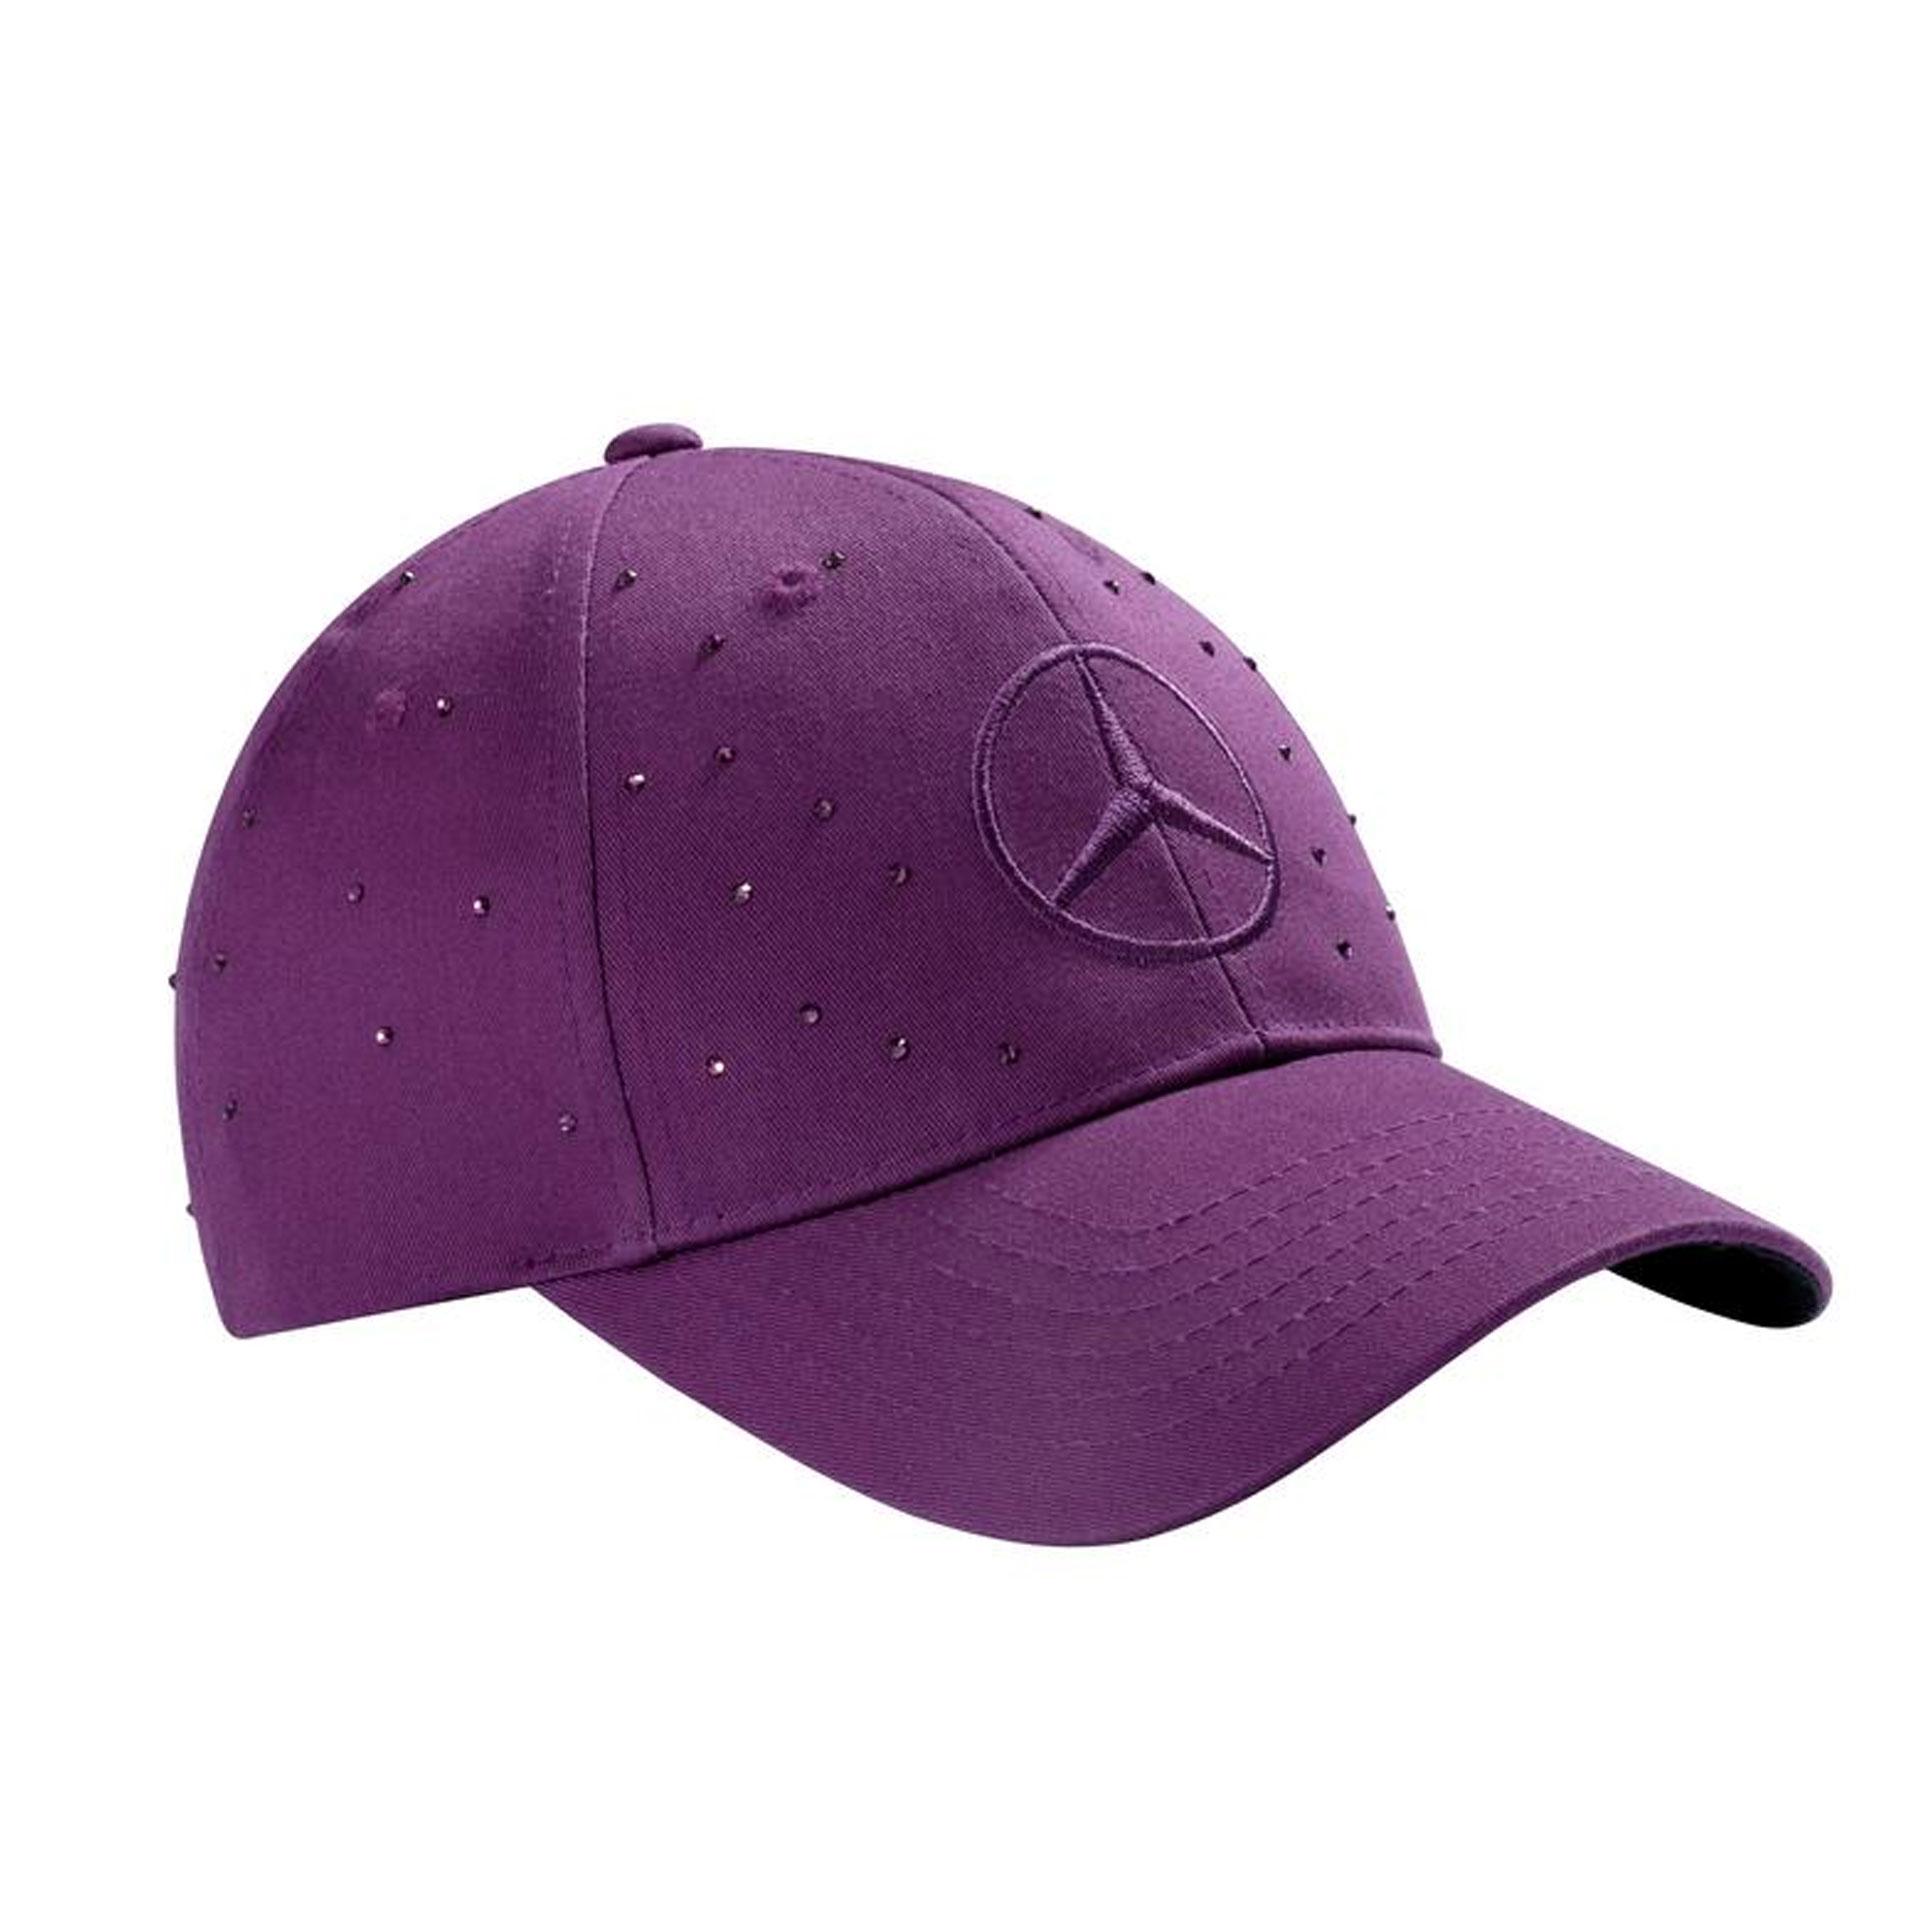 Mercedes-Benz Cap Swarowski-Kristalle Damen Basecap Kappe